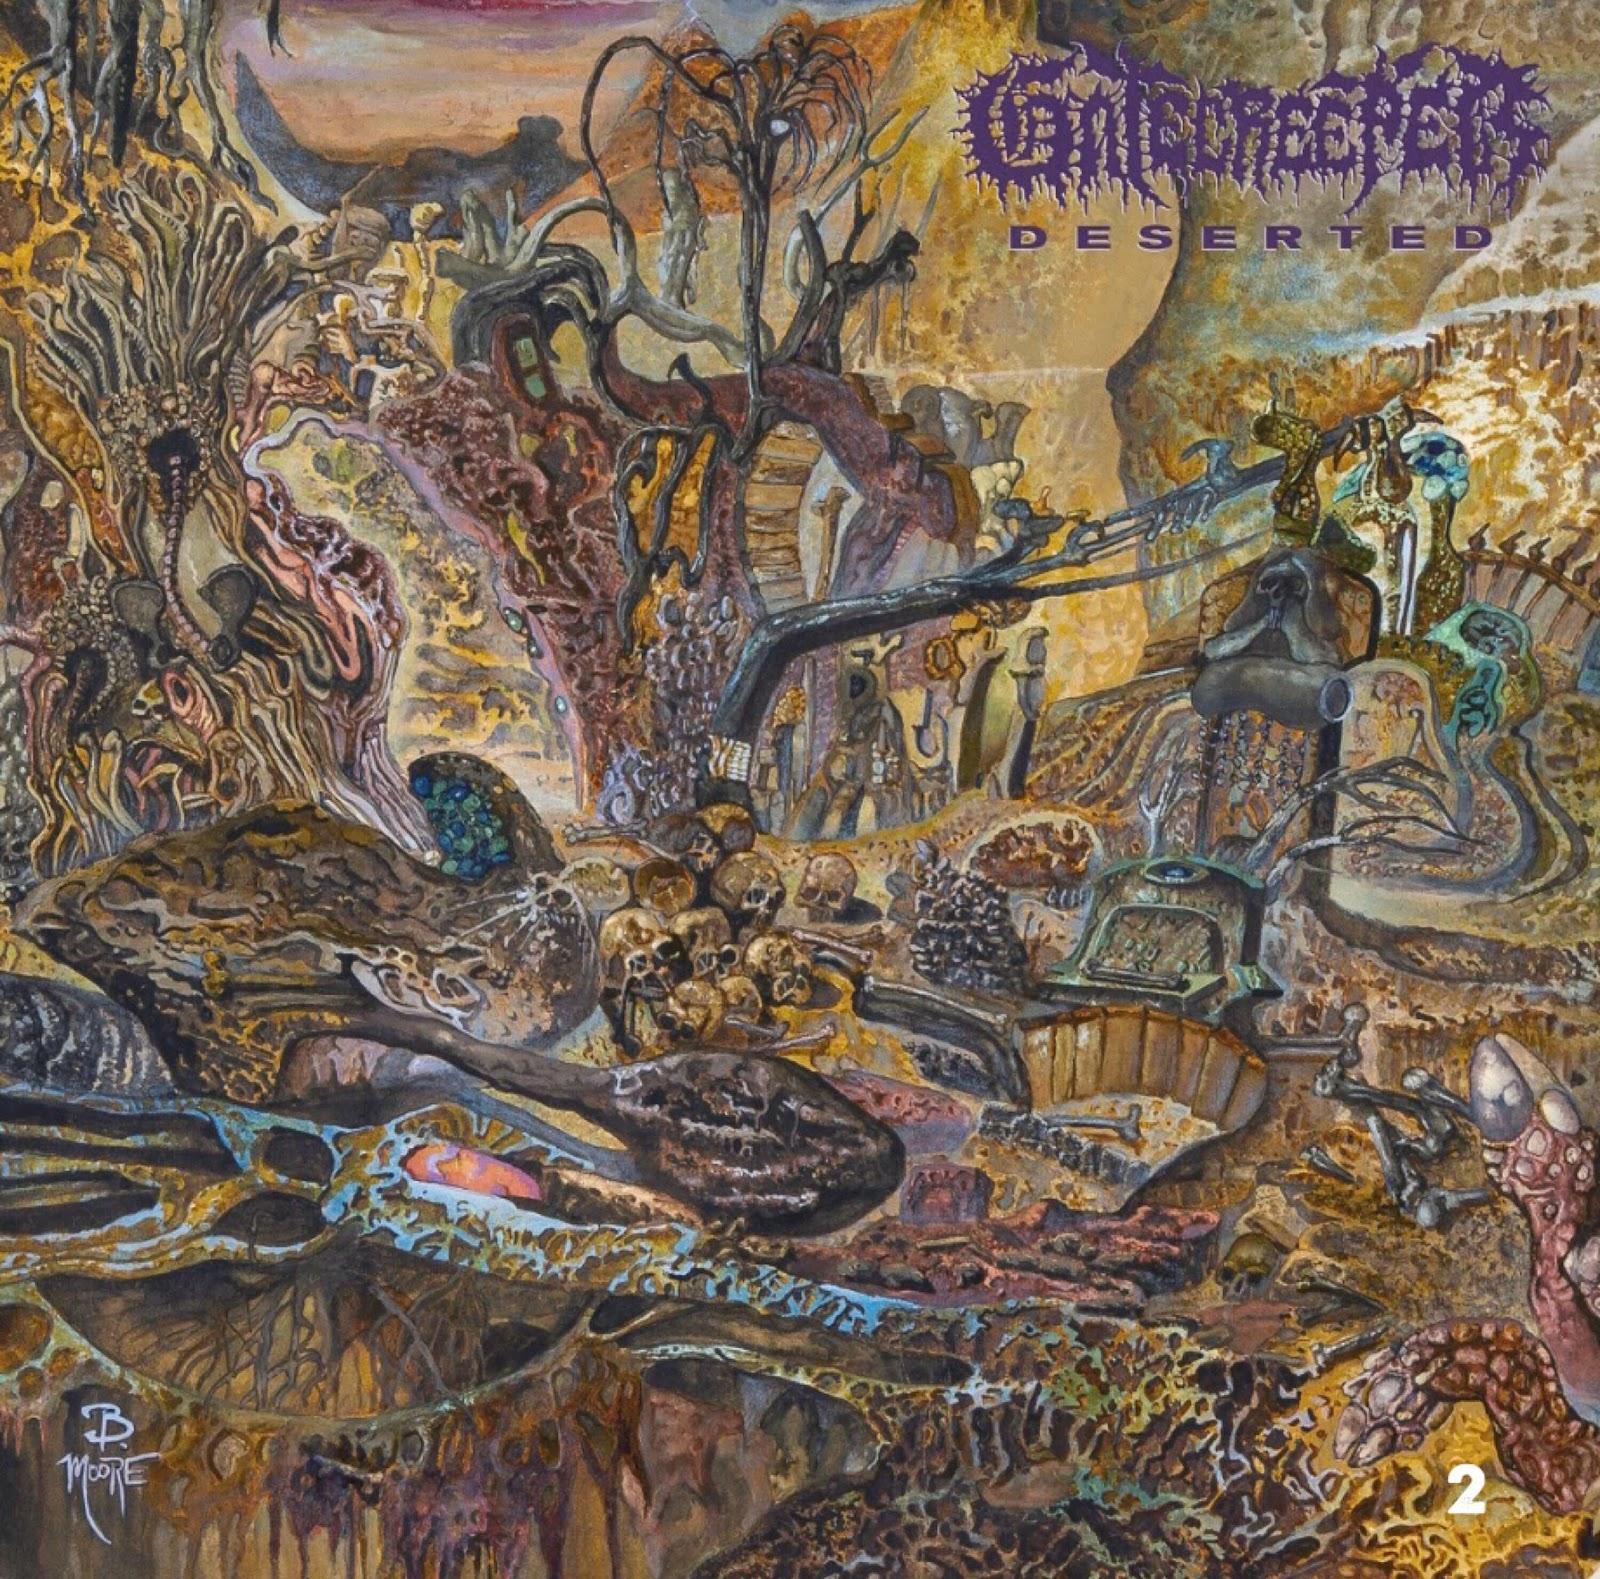 """Gatecreeper """"Deserted"""""""